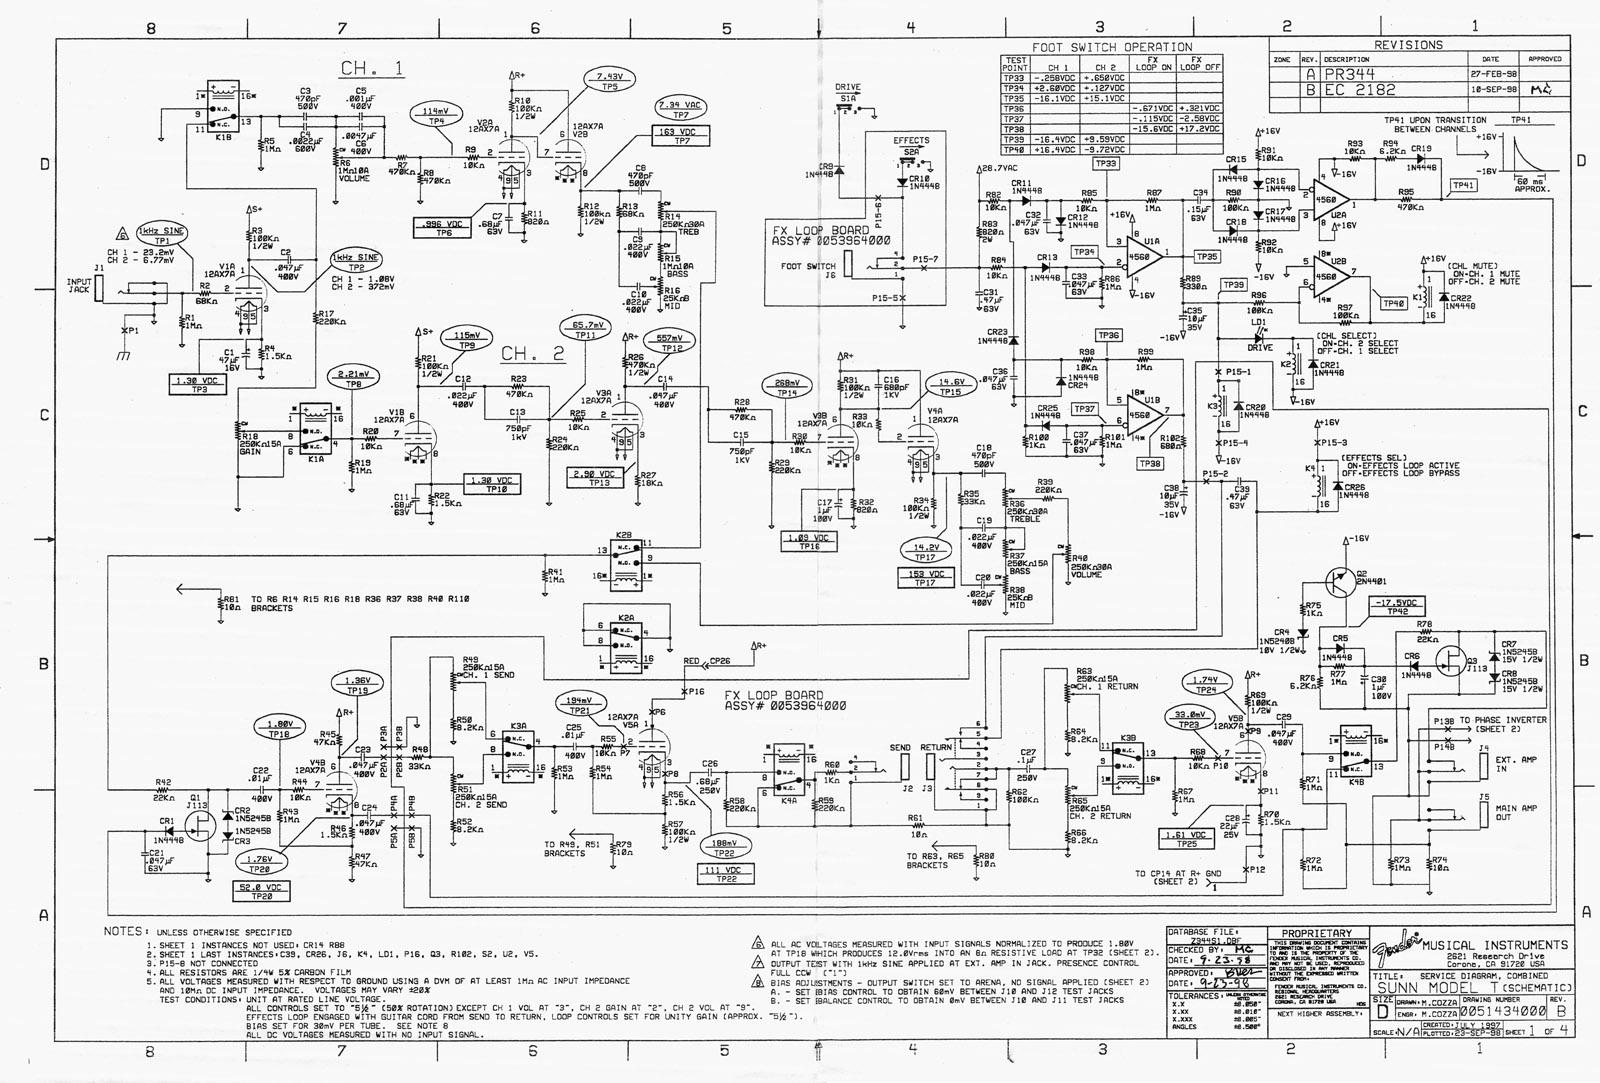 sunn amp schematics